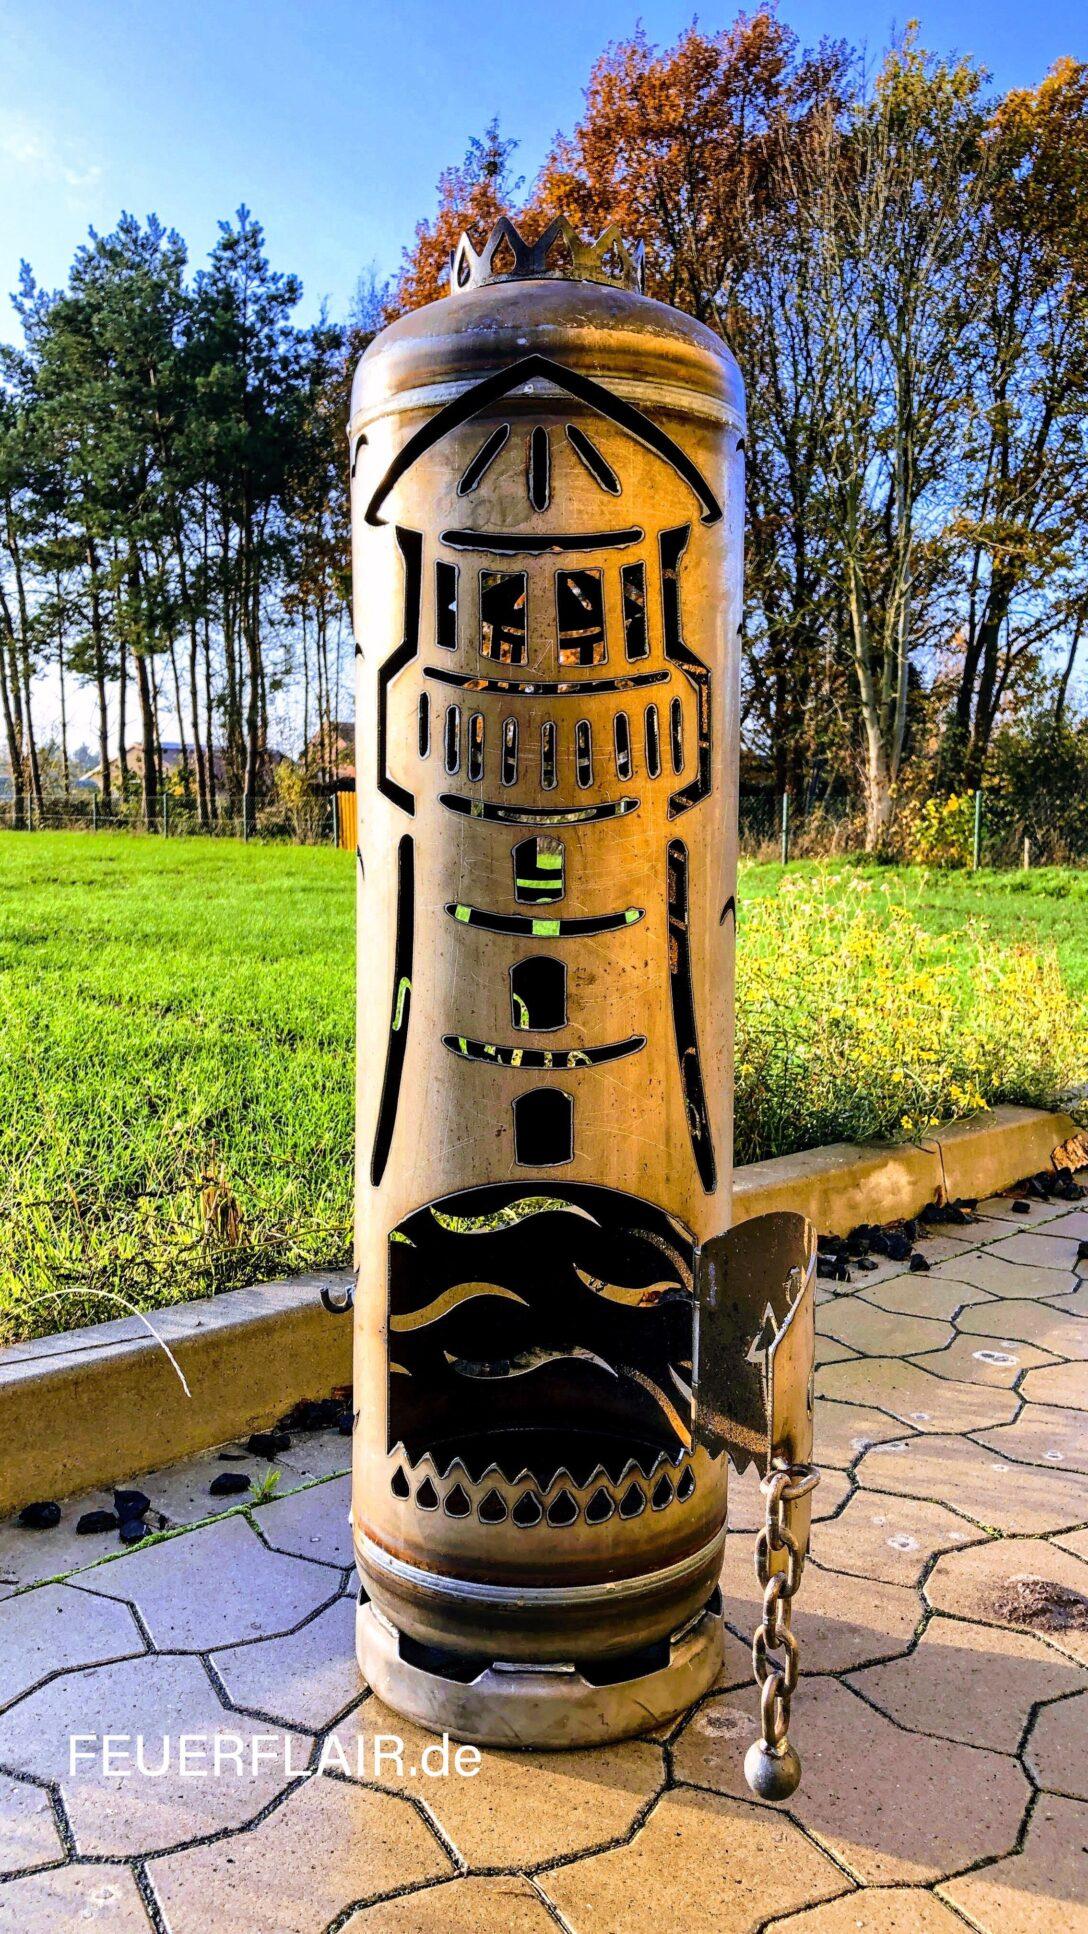 Large Size of Feuerstelle Leuchtturm Mit Kompin 2020 Bildern Sichtschutz Garten Holz Liegestuhl Skulpturen Spielgerät Spielhaus Kunststoff Klettergerüst Gerätehaus Wohnzimmer Feuerstelle Garten Eckig